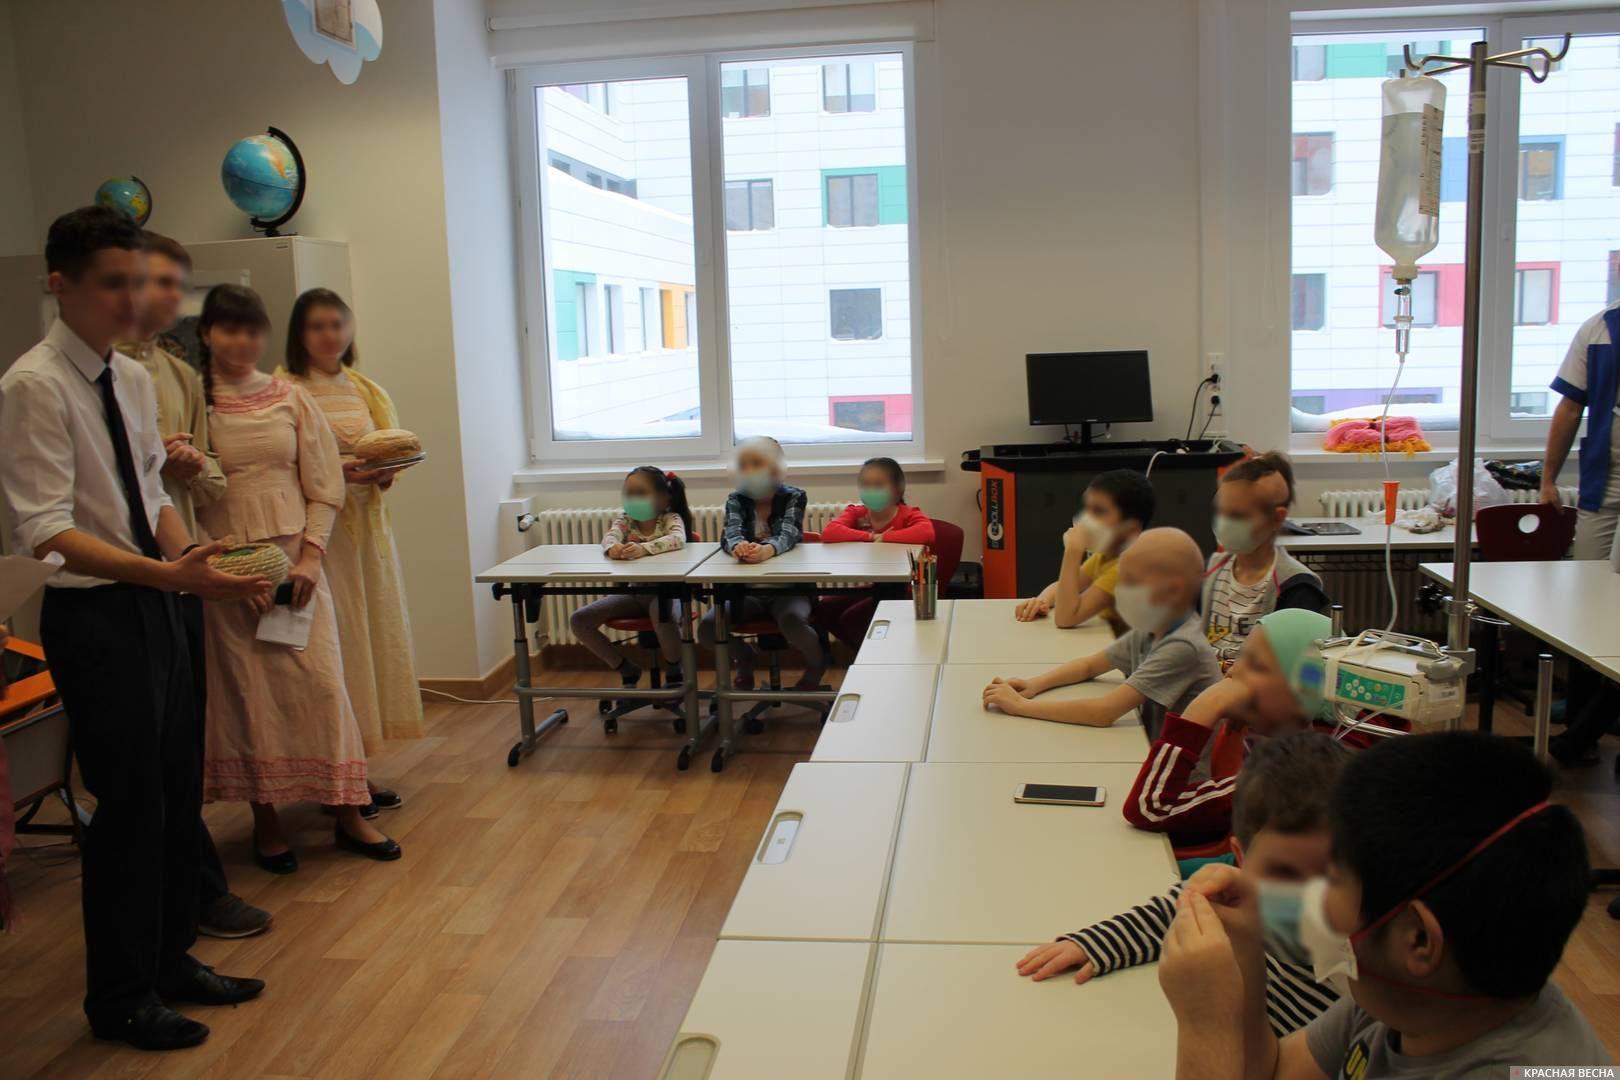 Реализация проекта «УчимЗнаем - Ростовская область» в отделении онкологии и гематологии Областной детской клинической больницы